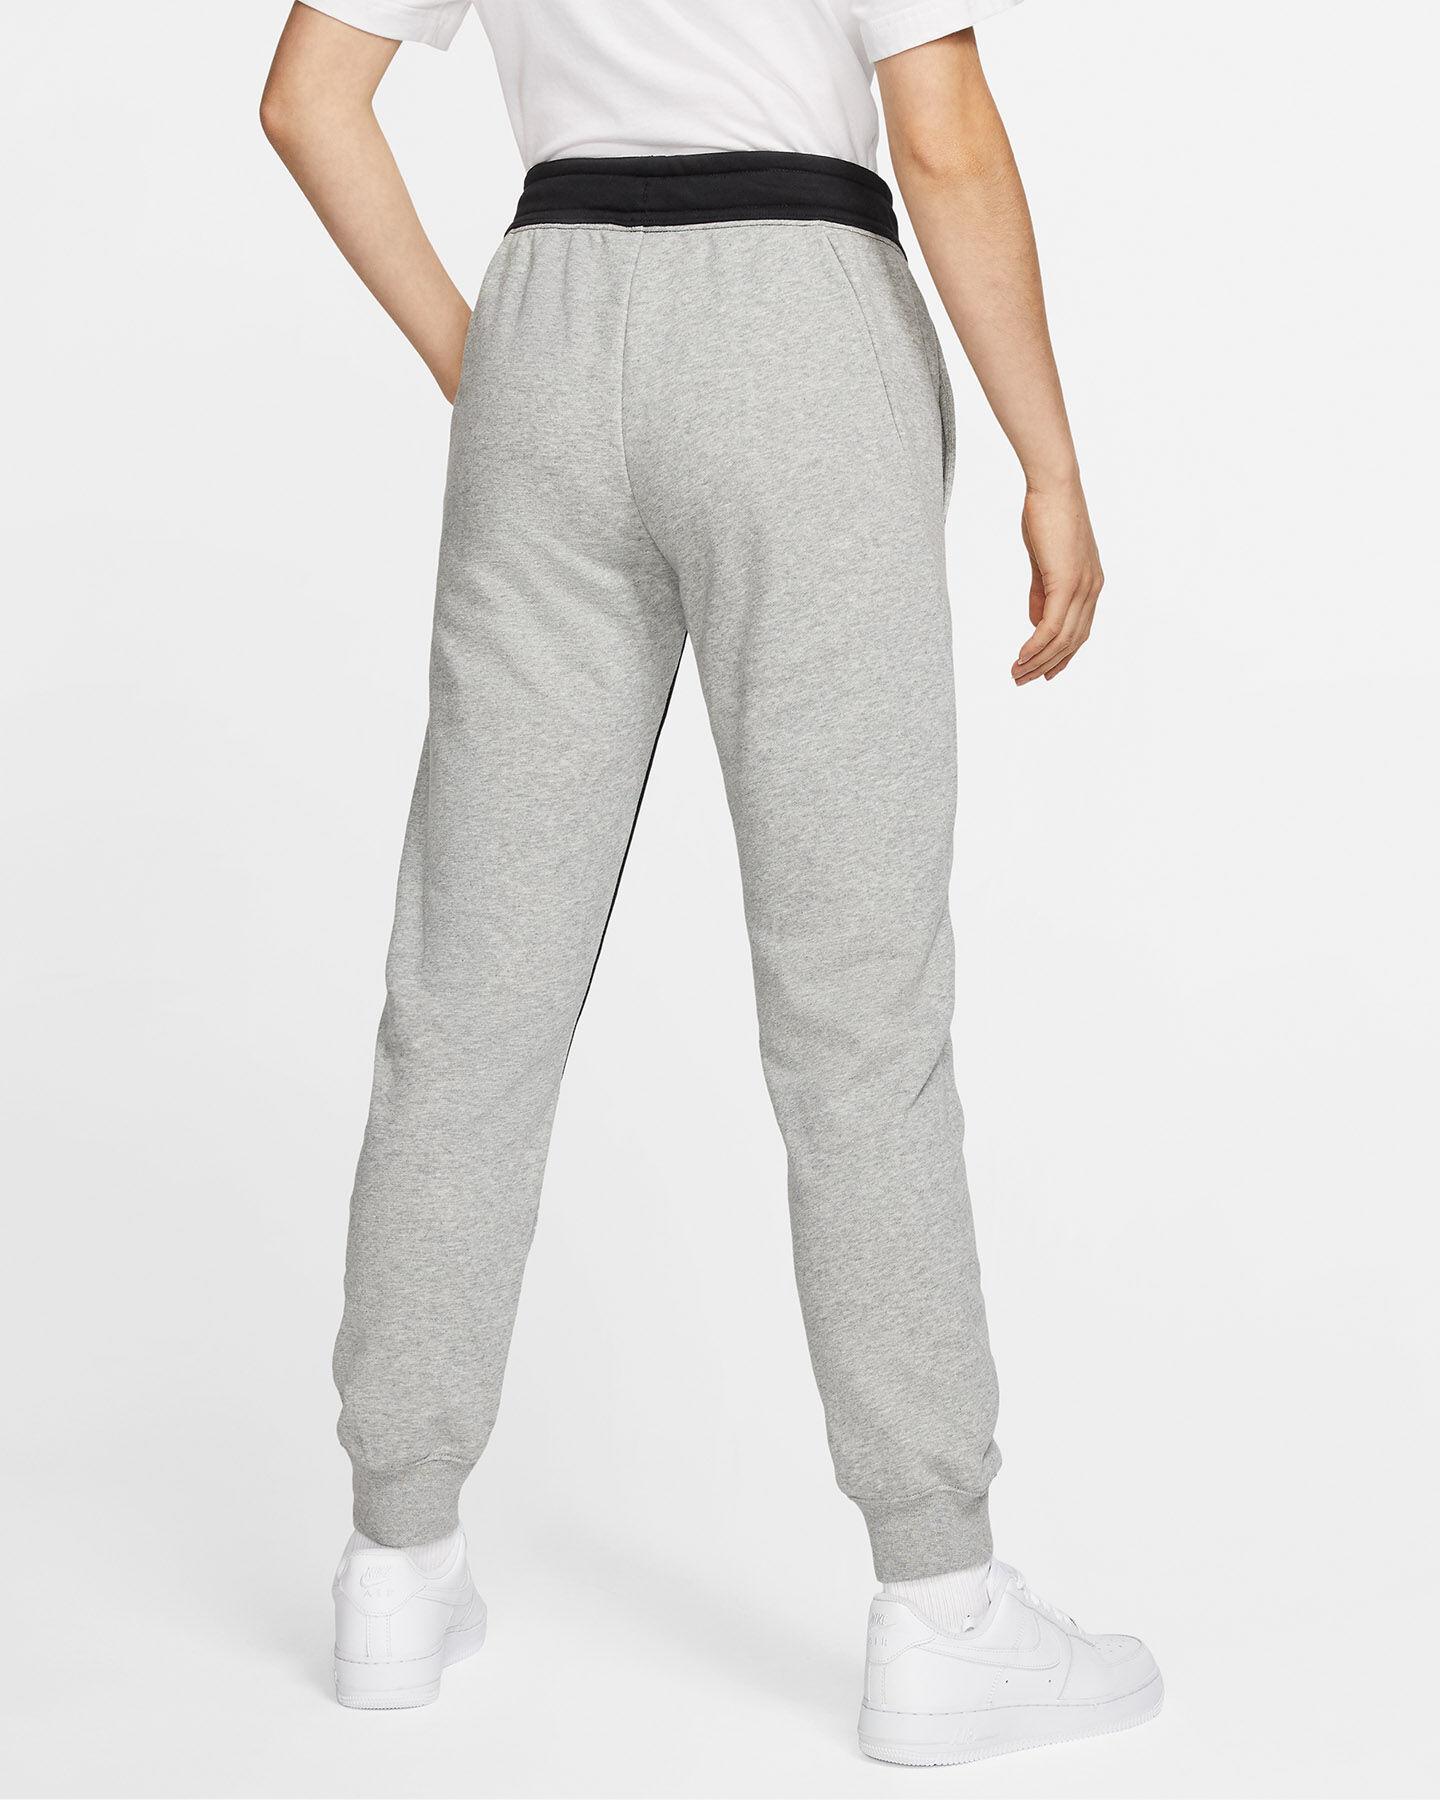 Pantalone NIKE COLOR BLOCK W S5164688 scatto 4